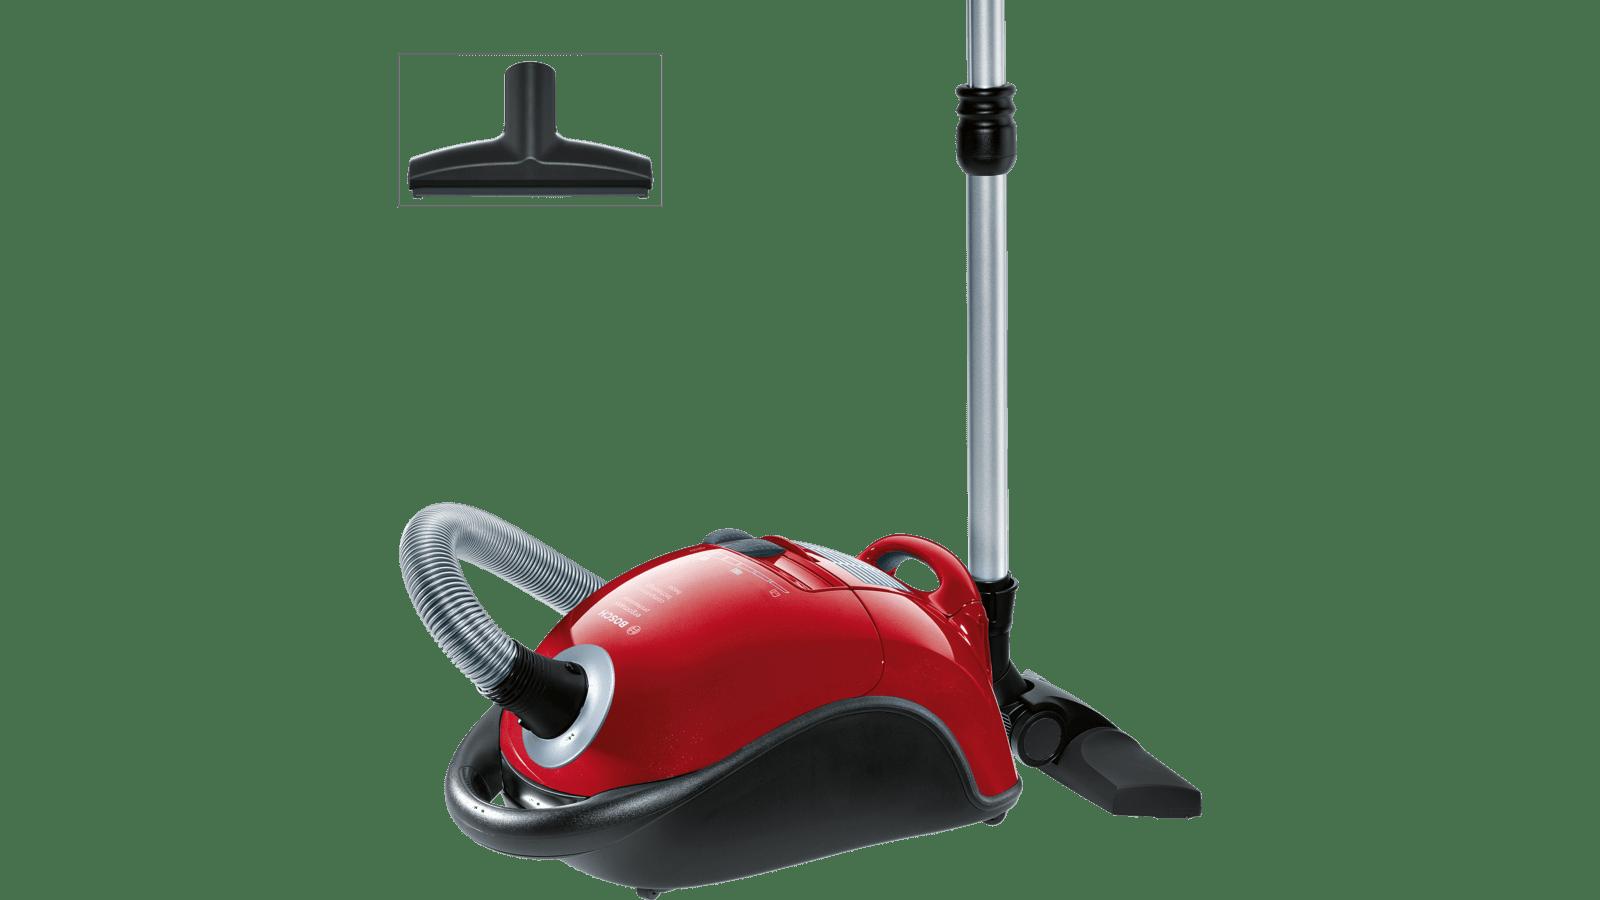 HEPA-Filter für Bosch BSG 8330 ergomaxx professional